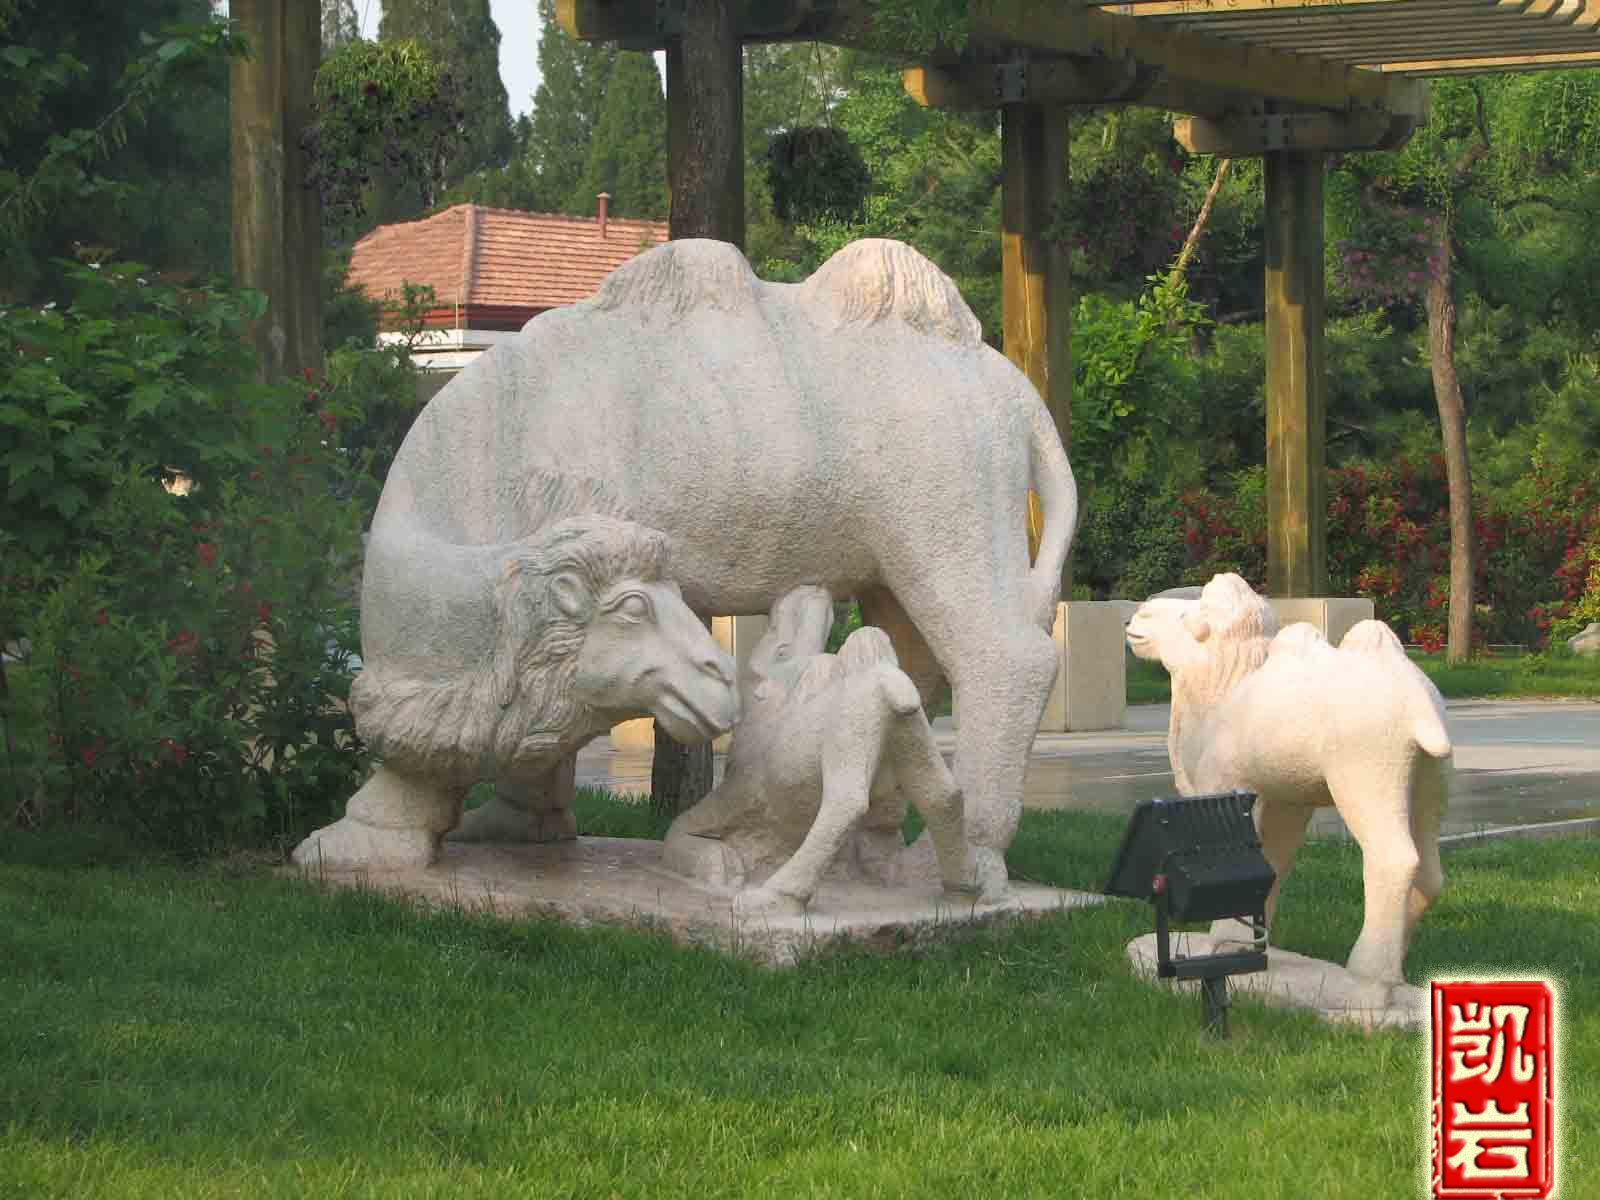 园林景观摆设的动物石雕骆驼石雕找凯岩石业